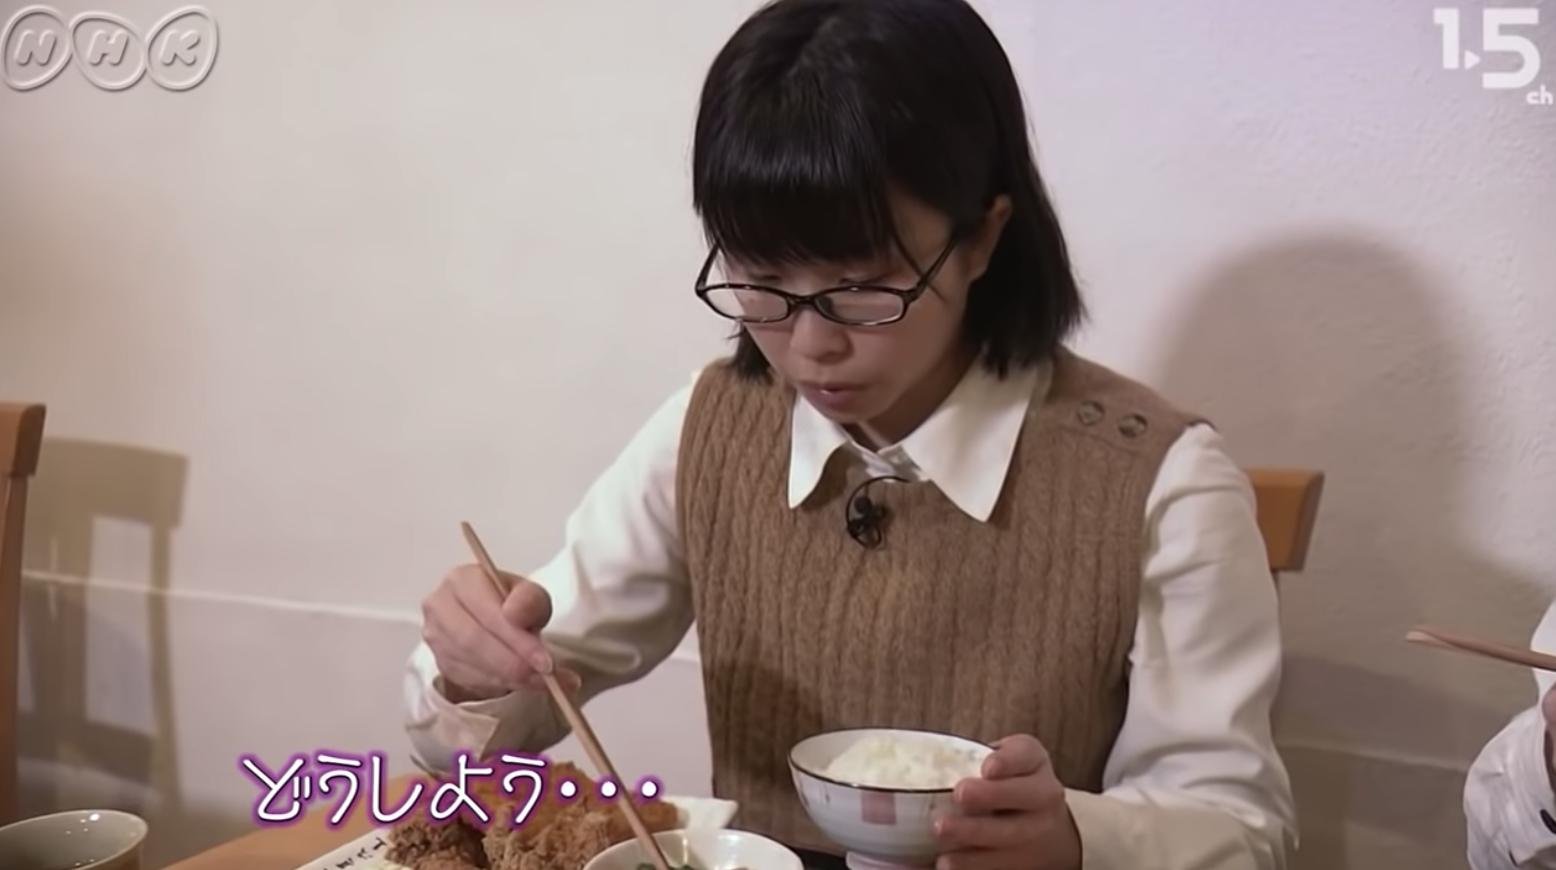 """【動画】自閉症JKの""""食べ方のこだわり""""がすごい"""